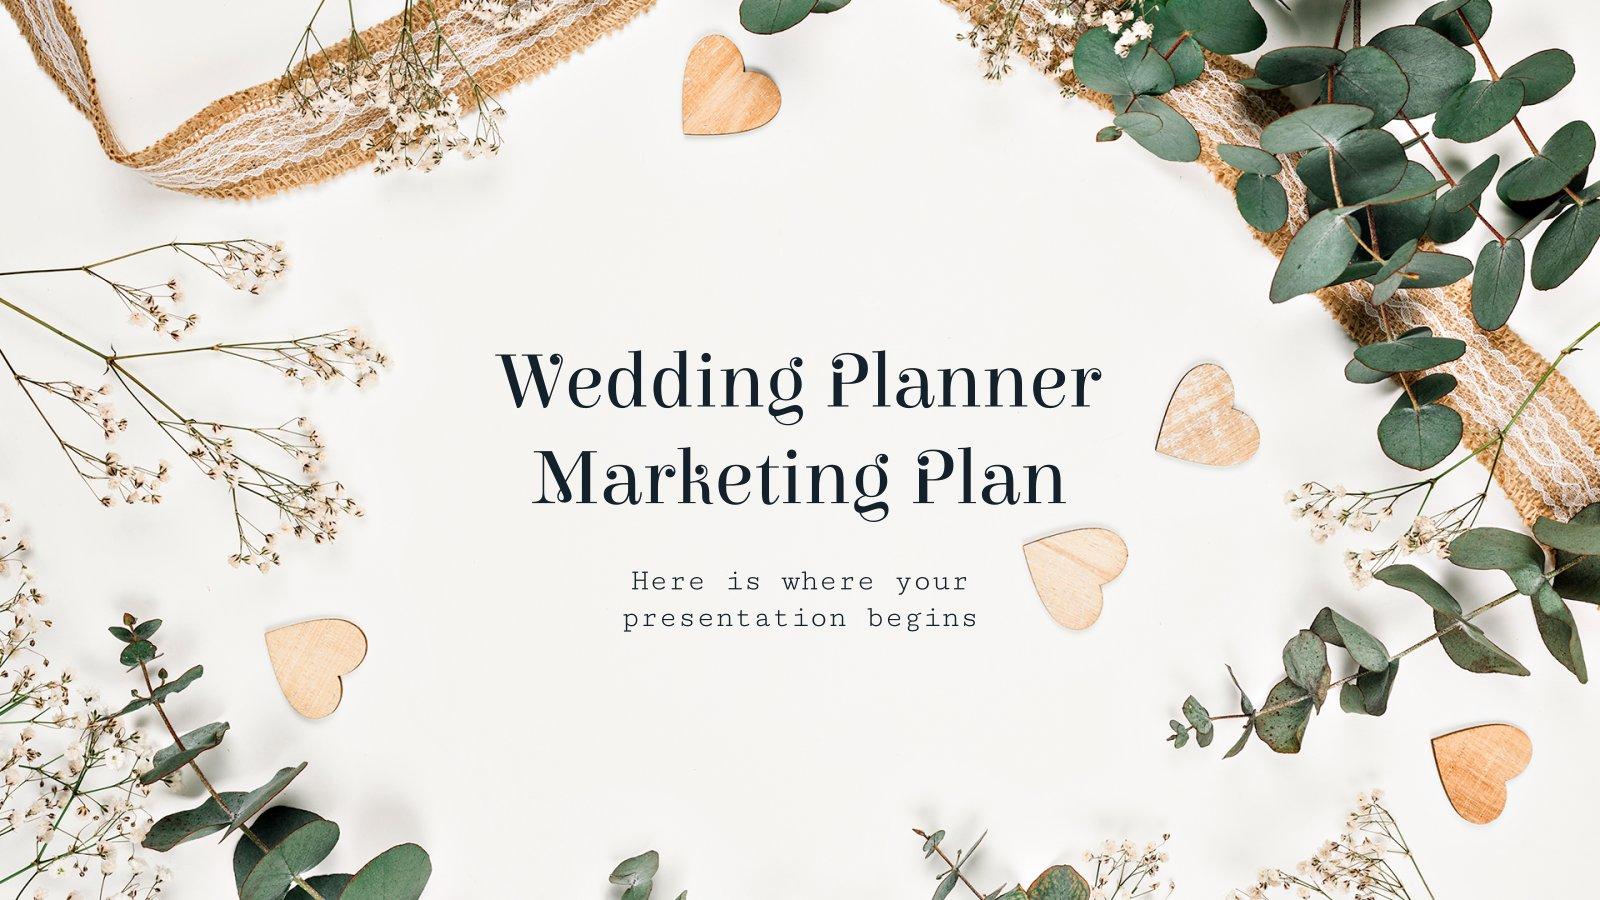 Marketingplan für Hochzeitsplaner Präsentationsvorlage